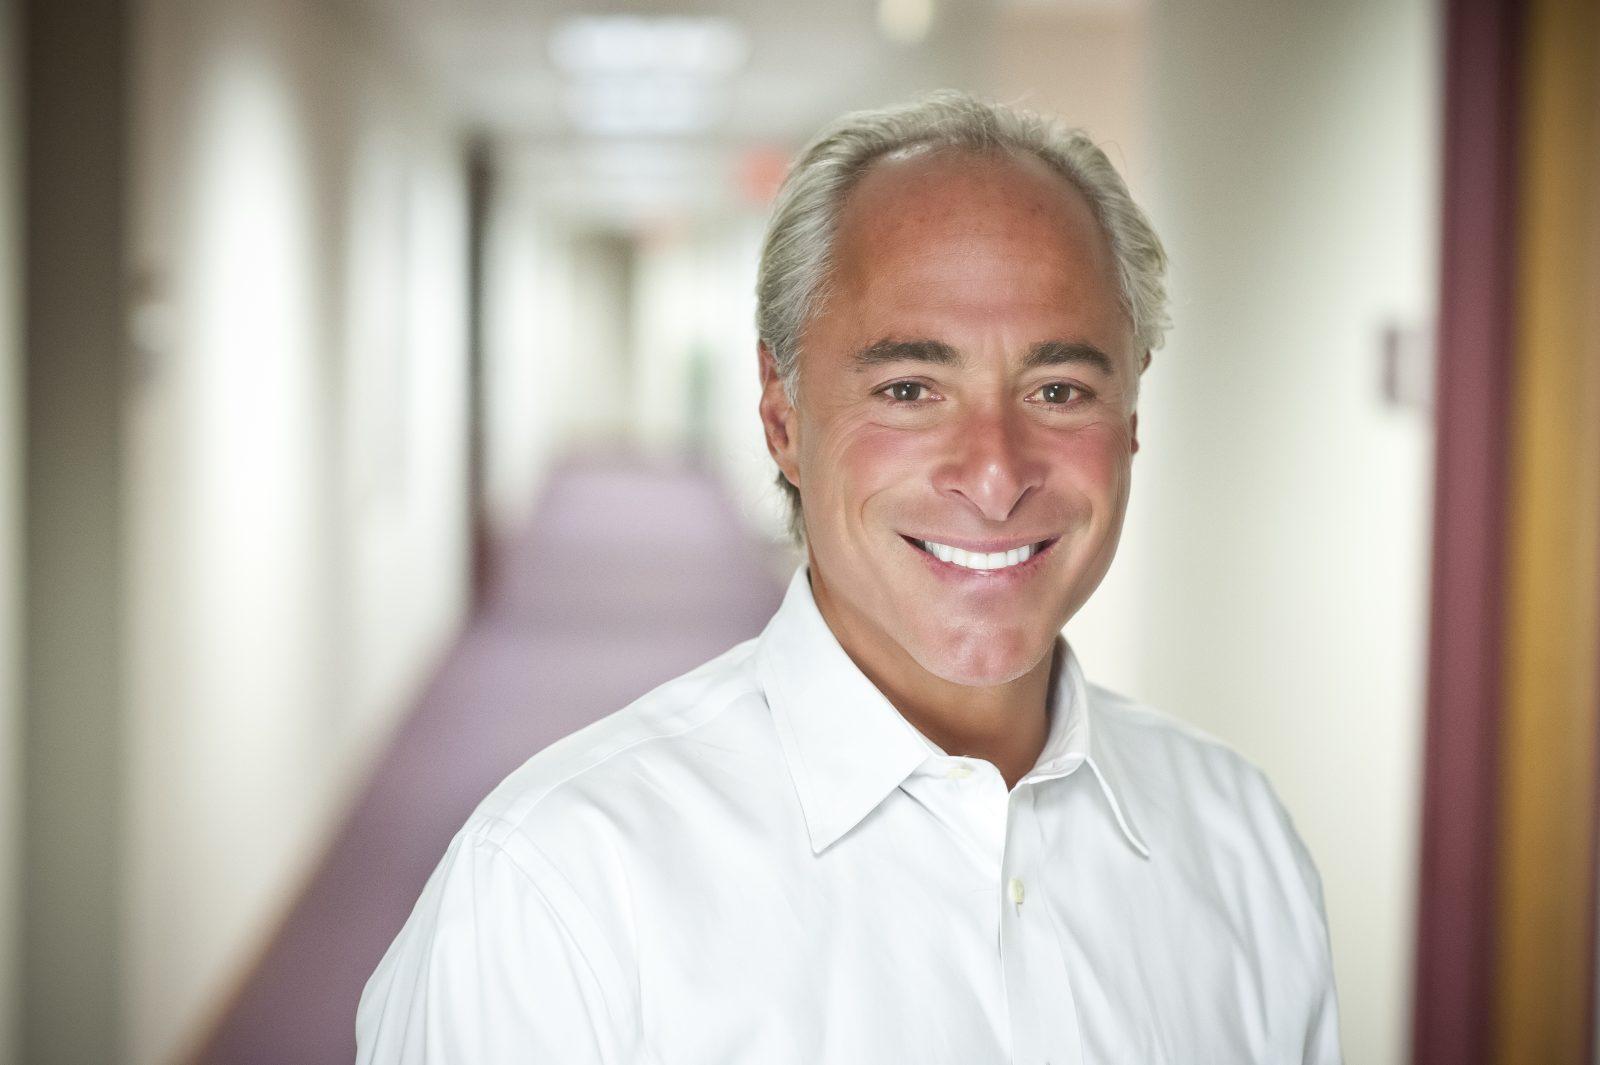 Steve Spector